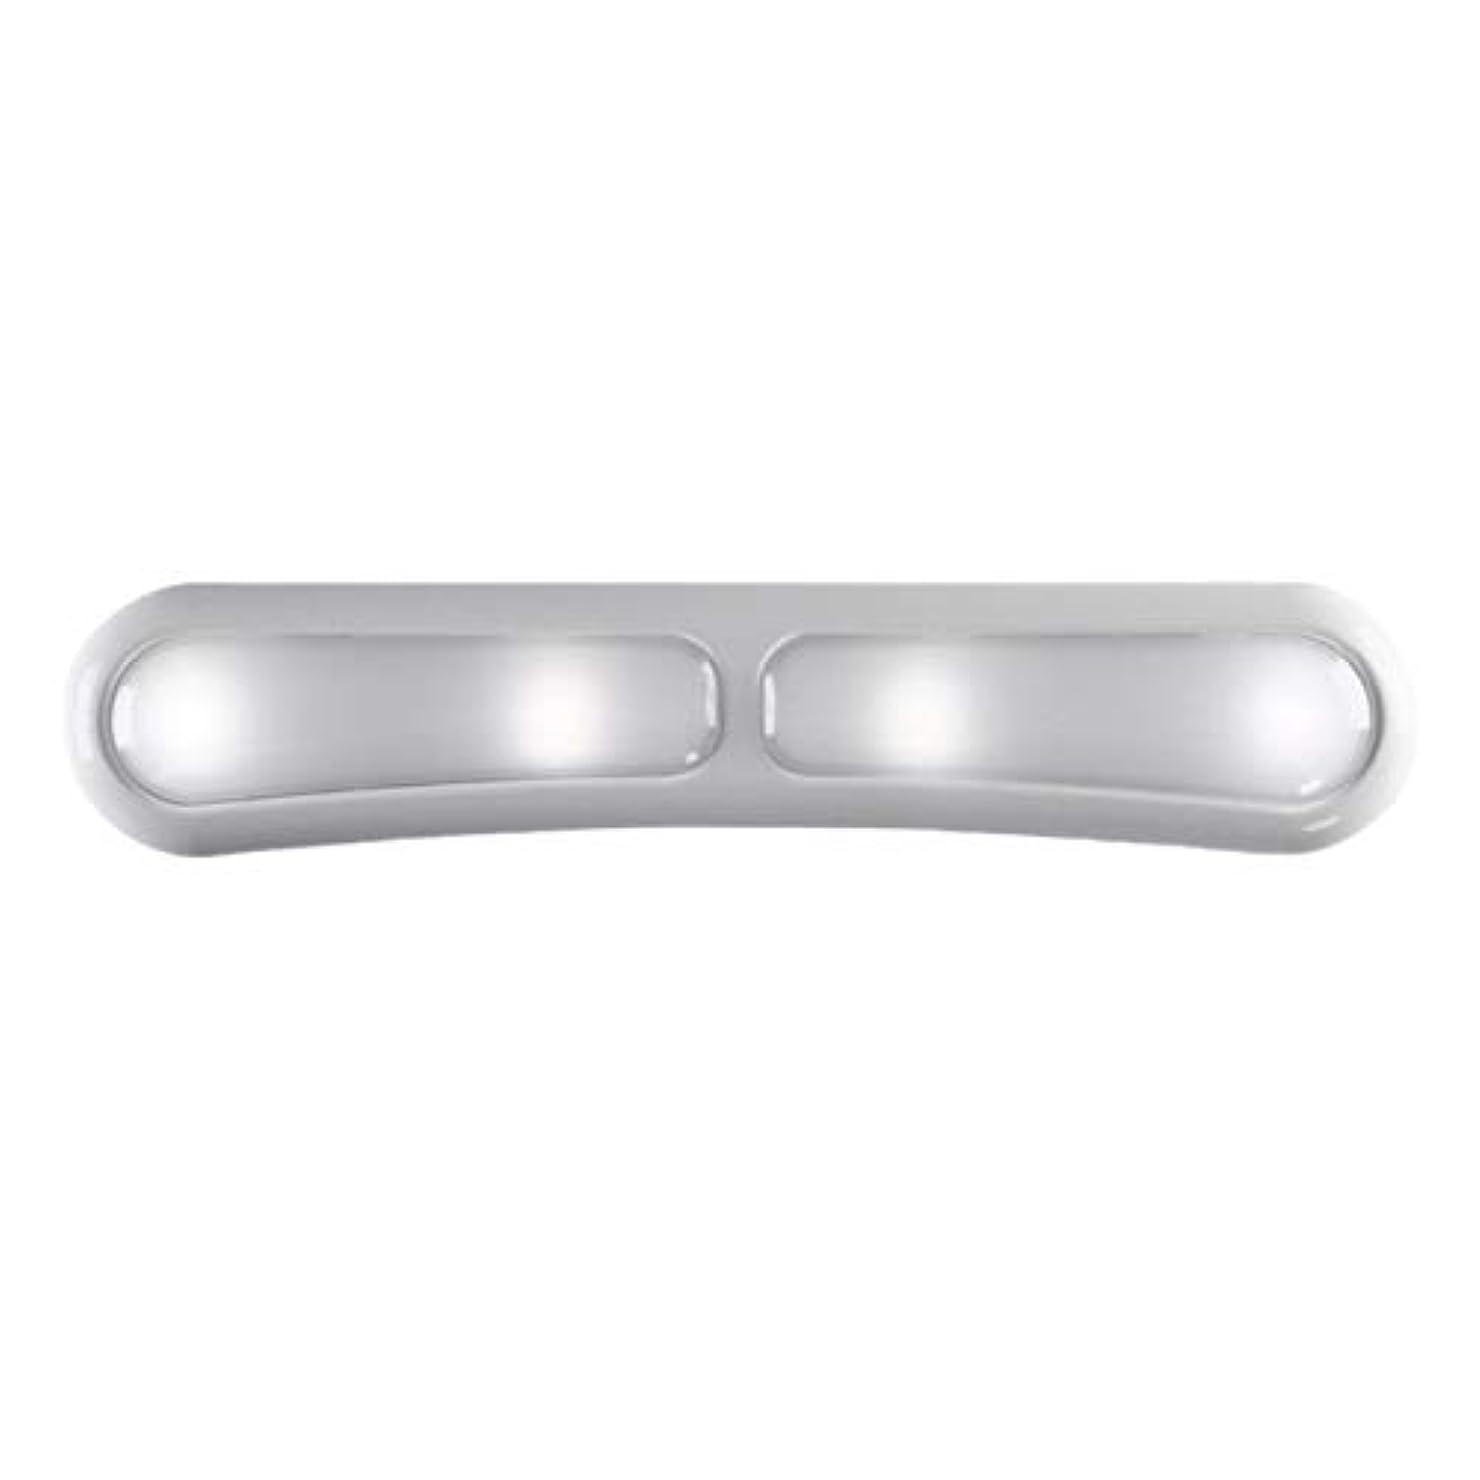 アジア手首精度PQZATX 手押し式ポータブルキャビネットライト、プッシュ型キャビネットライト、Ledキャビネット底部ライト